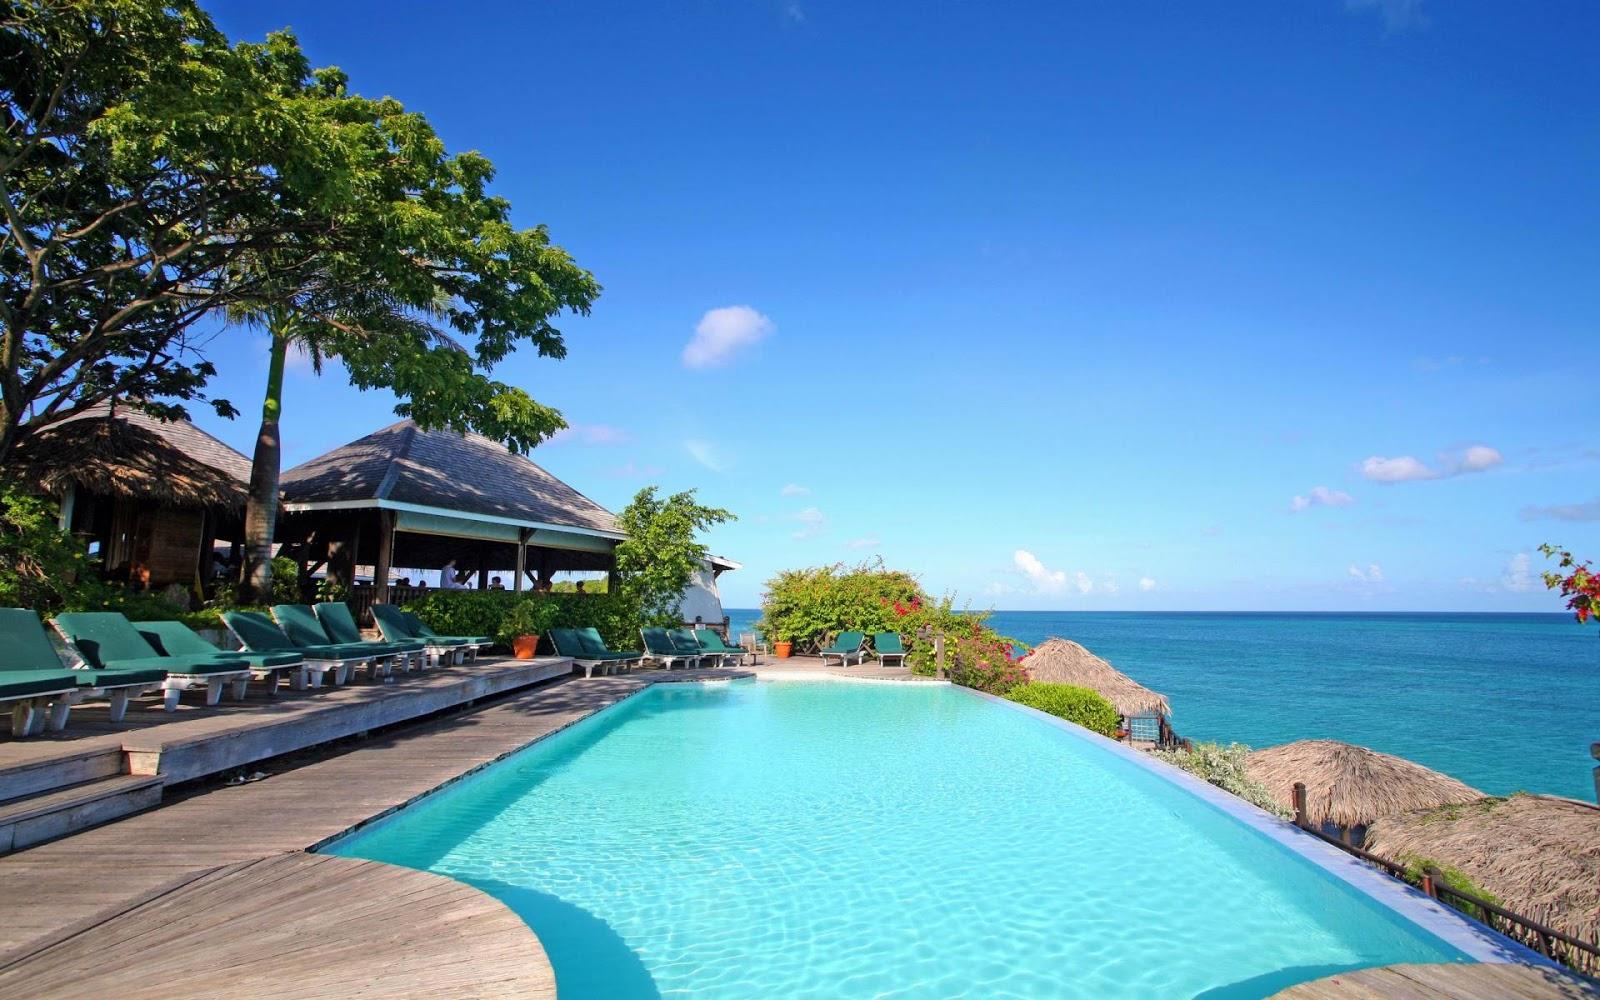 Cute Anim Wallpaper Cocobay Resort Antigua And Barbuda Full Hd Desktop